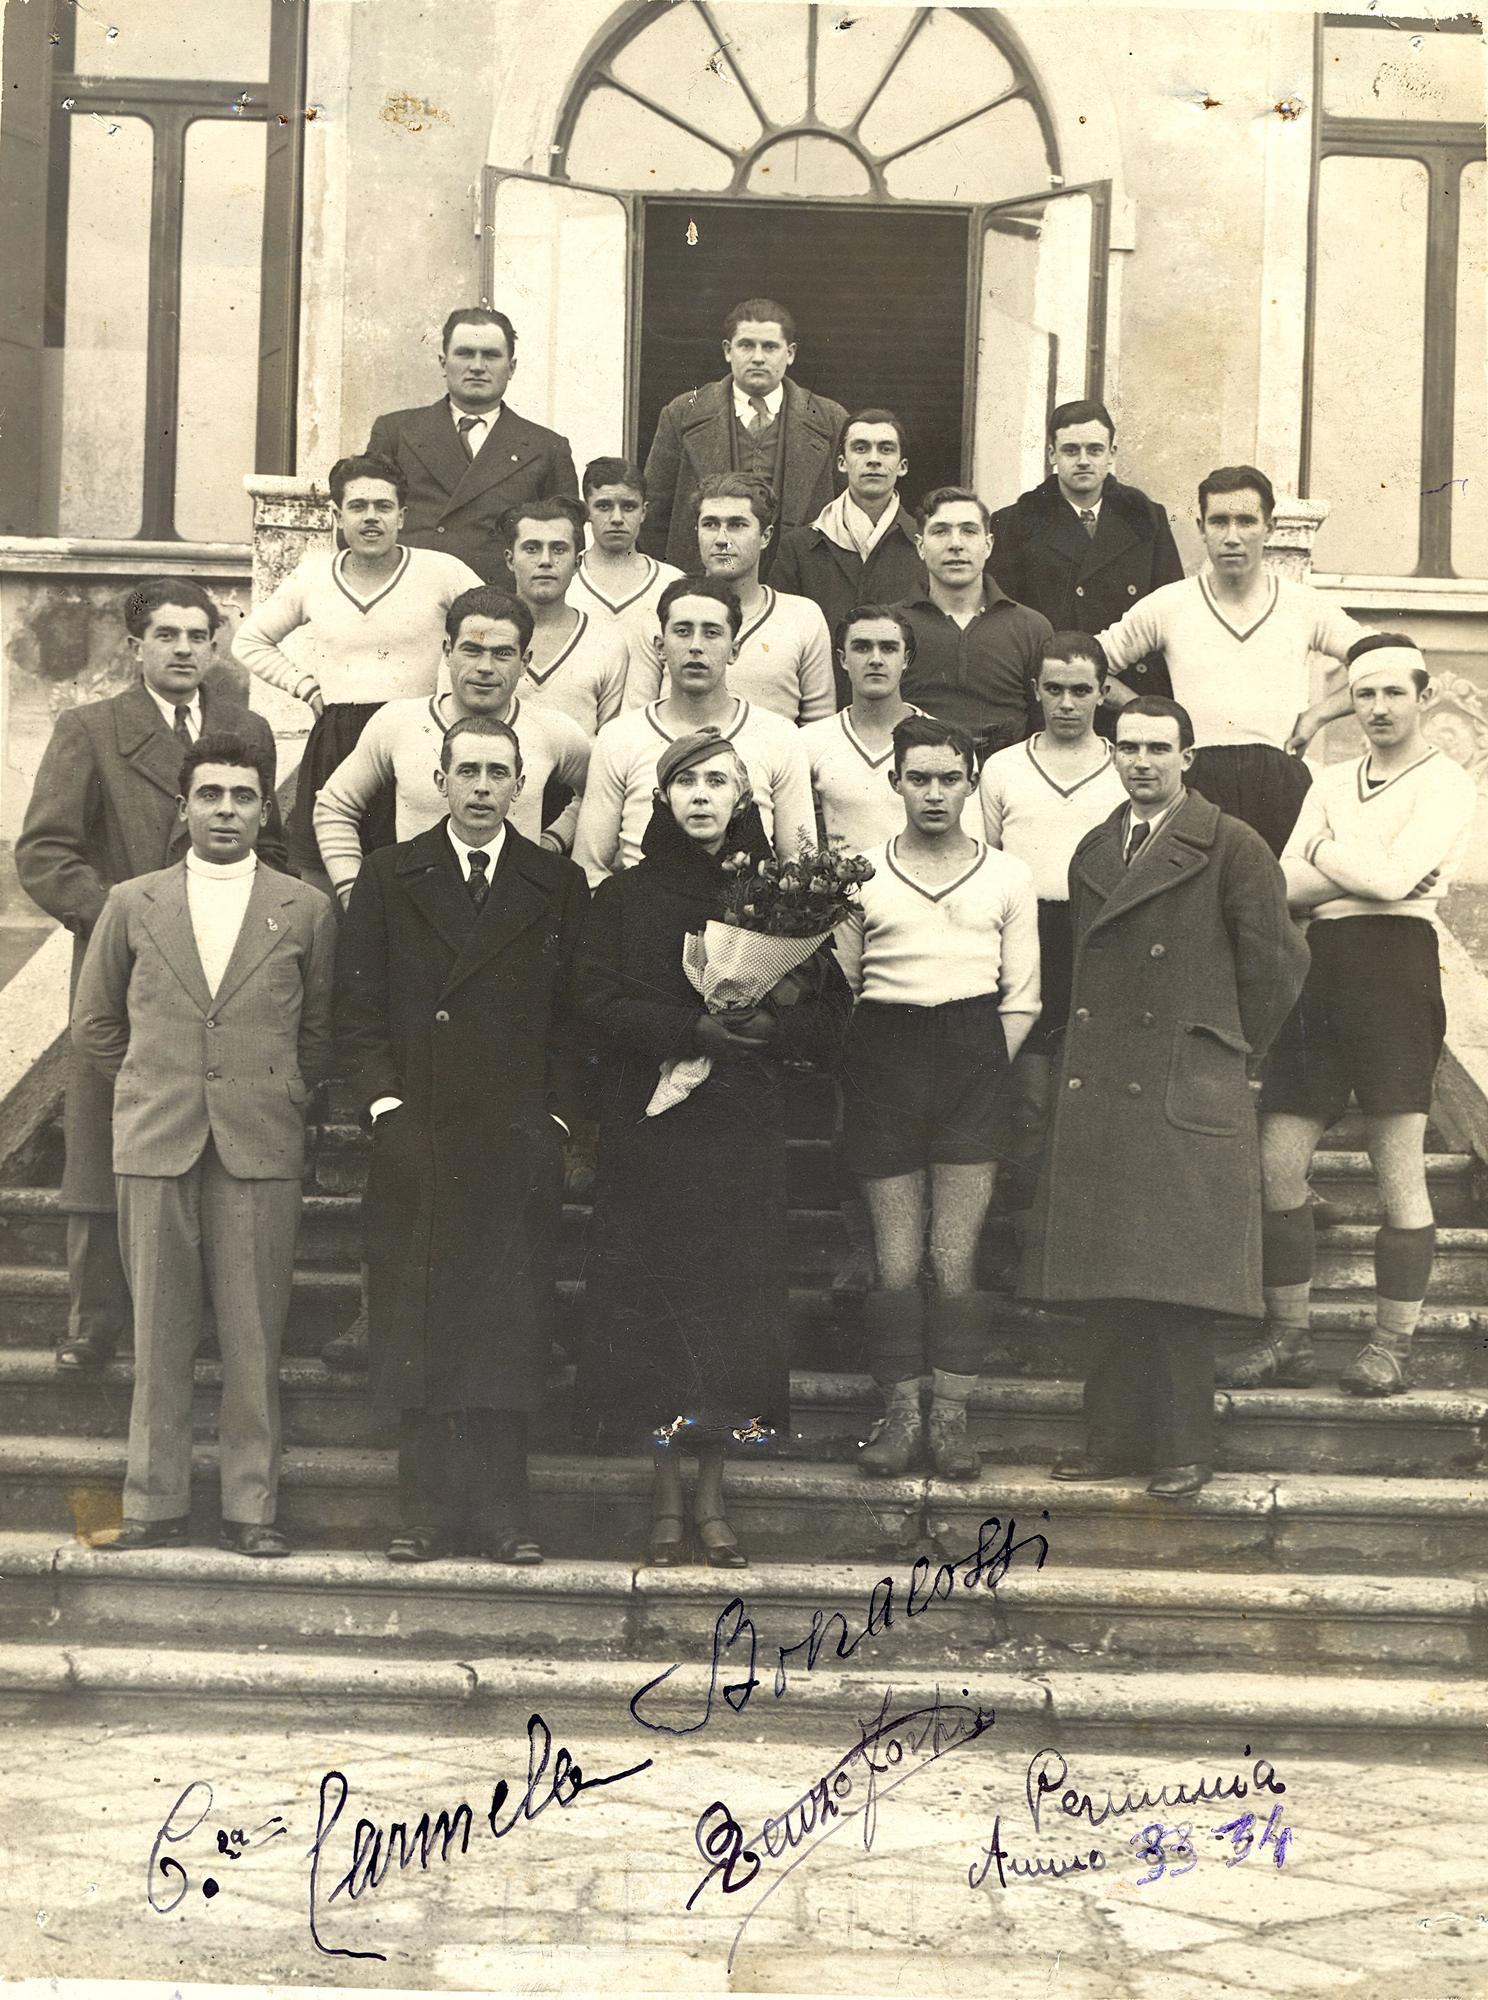 La squadra del Pernumia partecipante al campionato ULIC 1933/34.